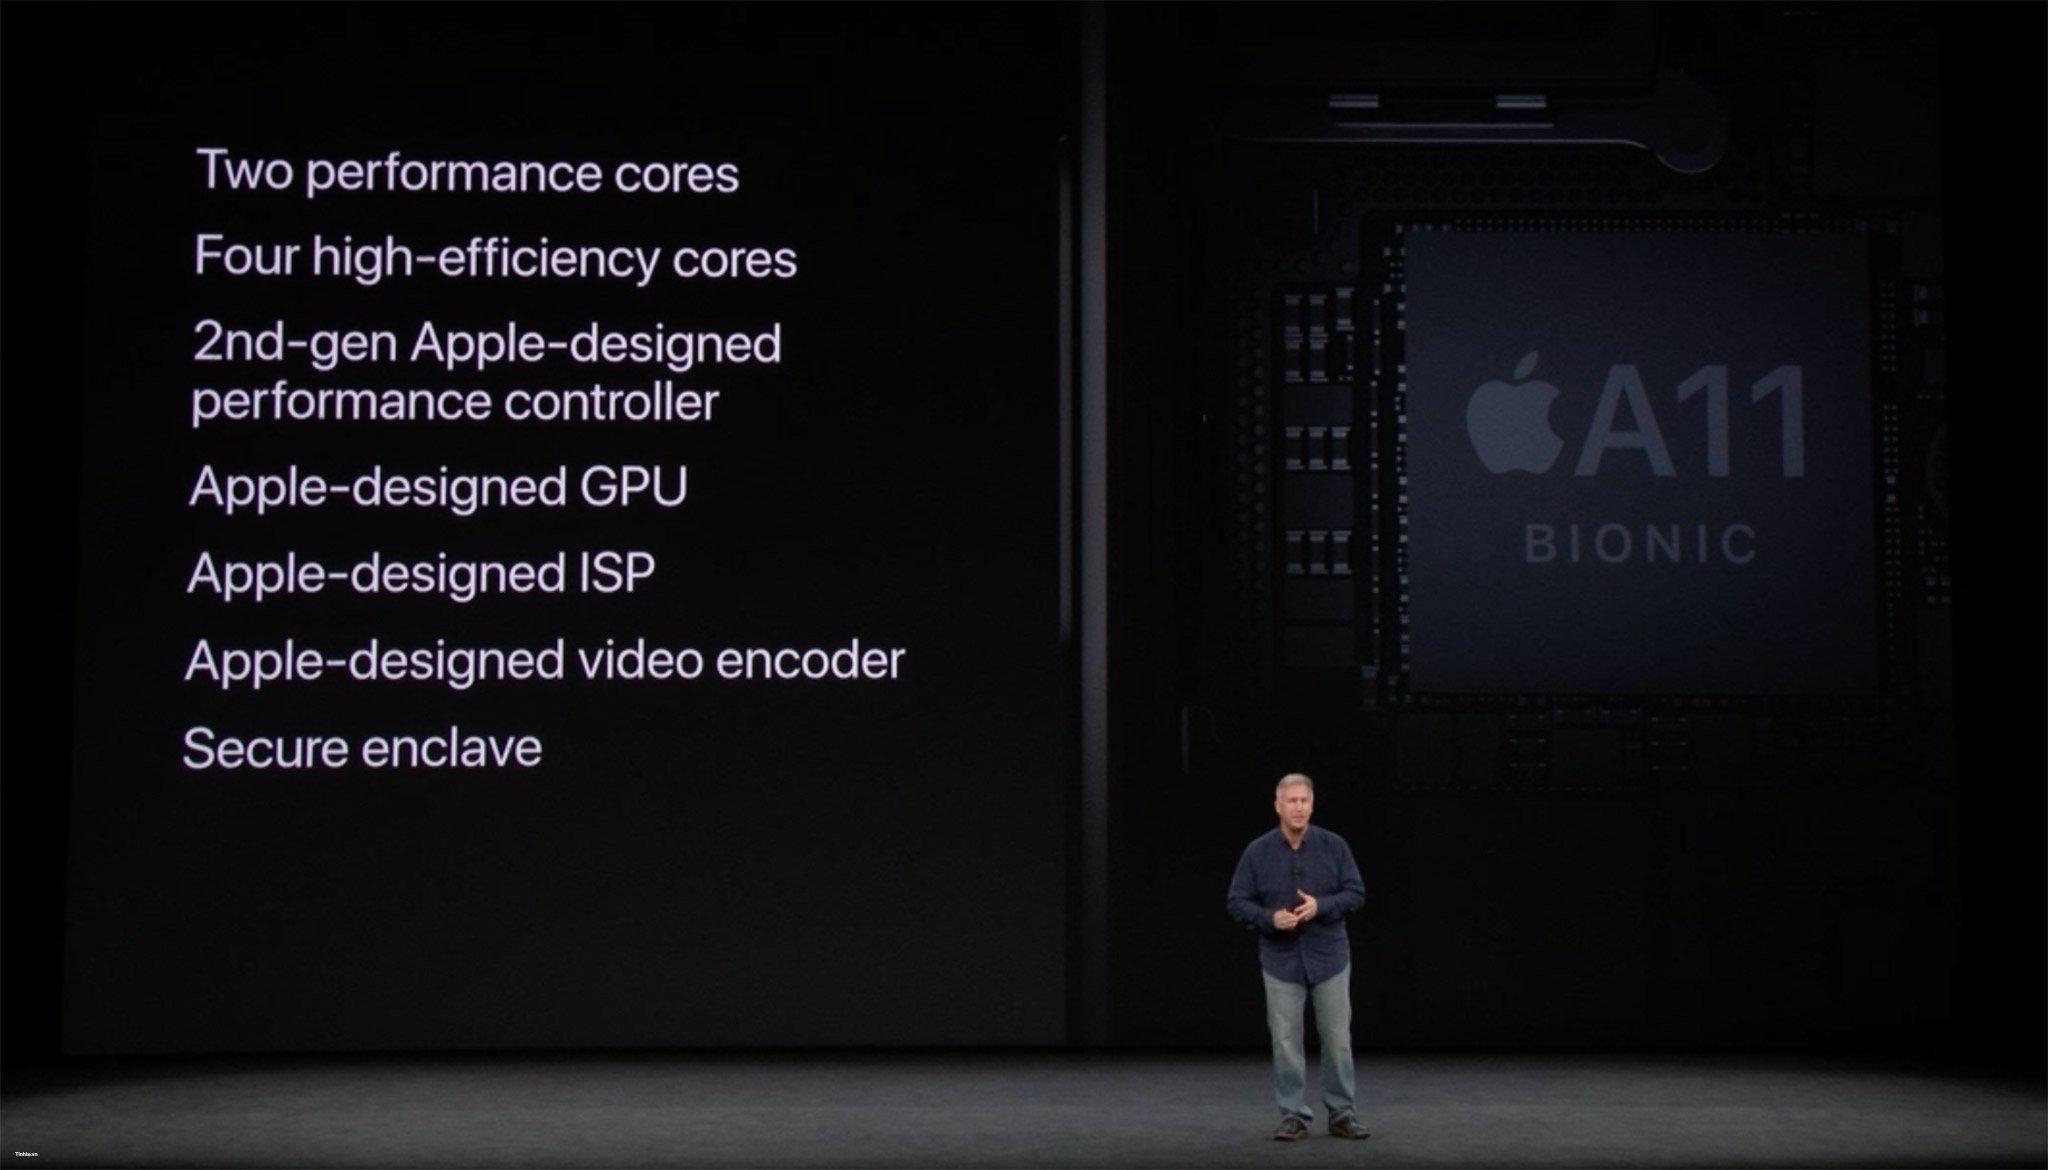 chip a11 bionic - Apple iPhone 8 và iPhone 8 Plus tất cả những điều bạn muốn biết ở đây